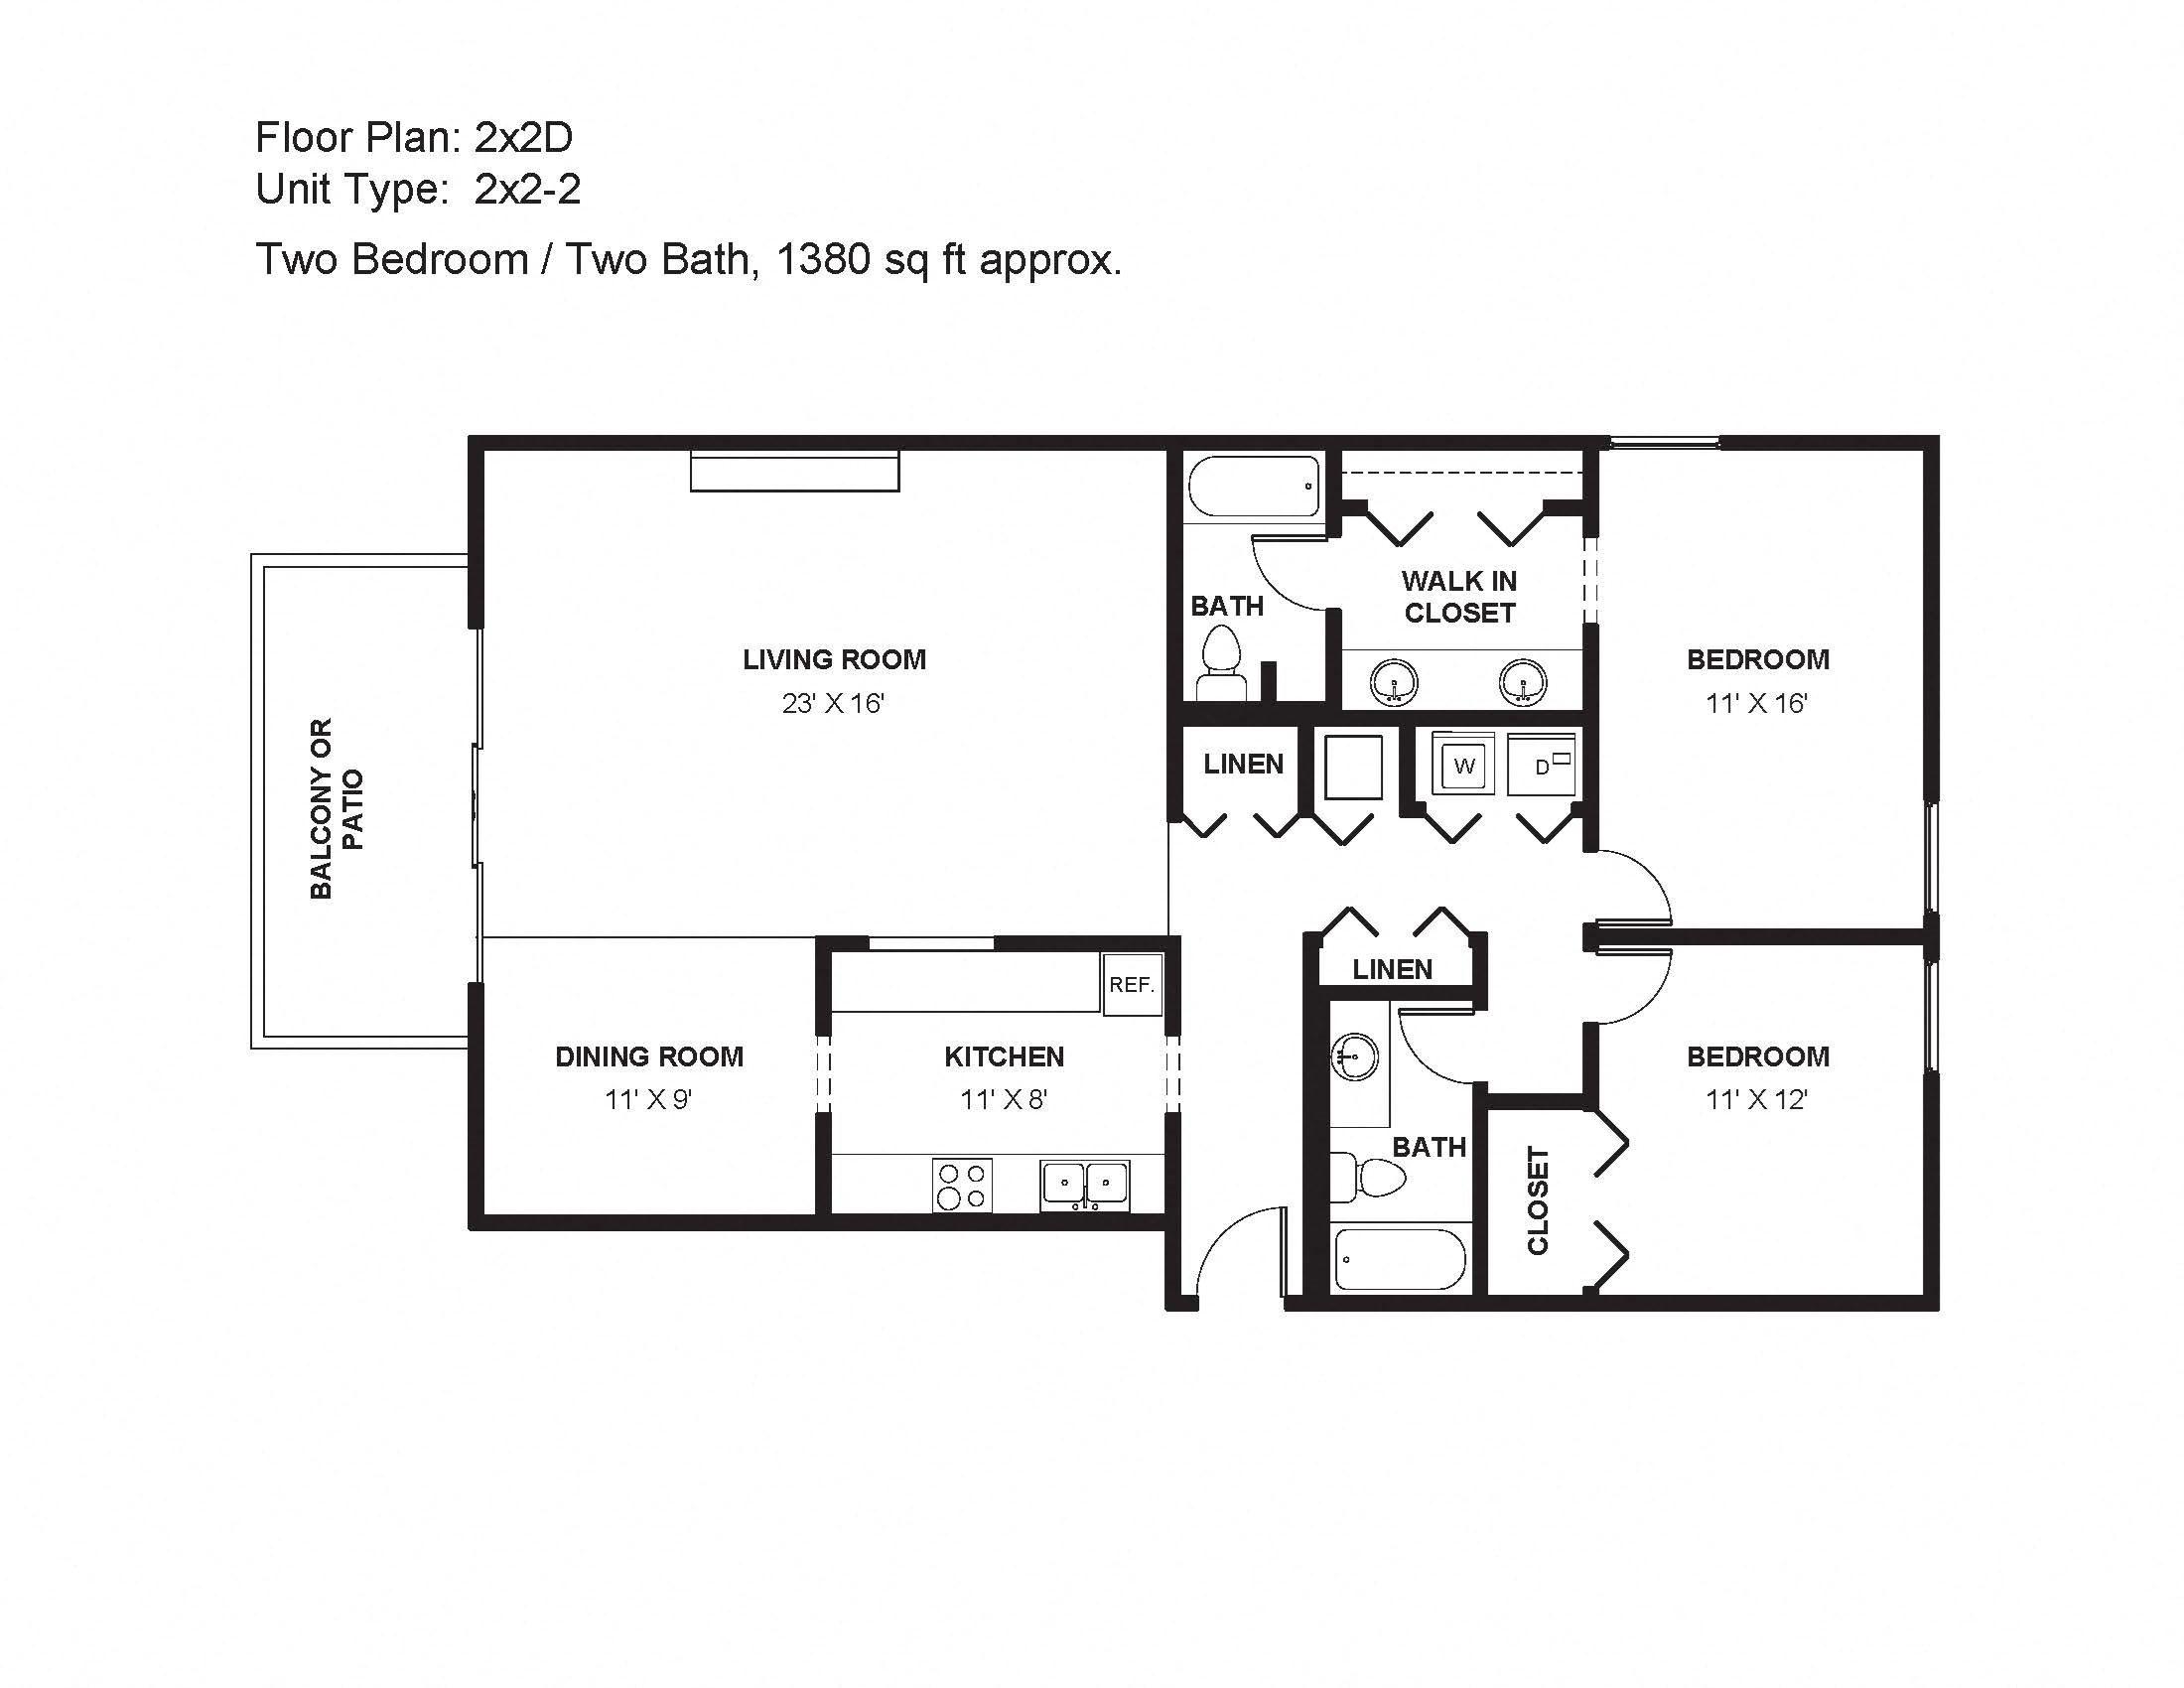 2x2D Floor Plan 13